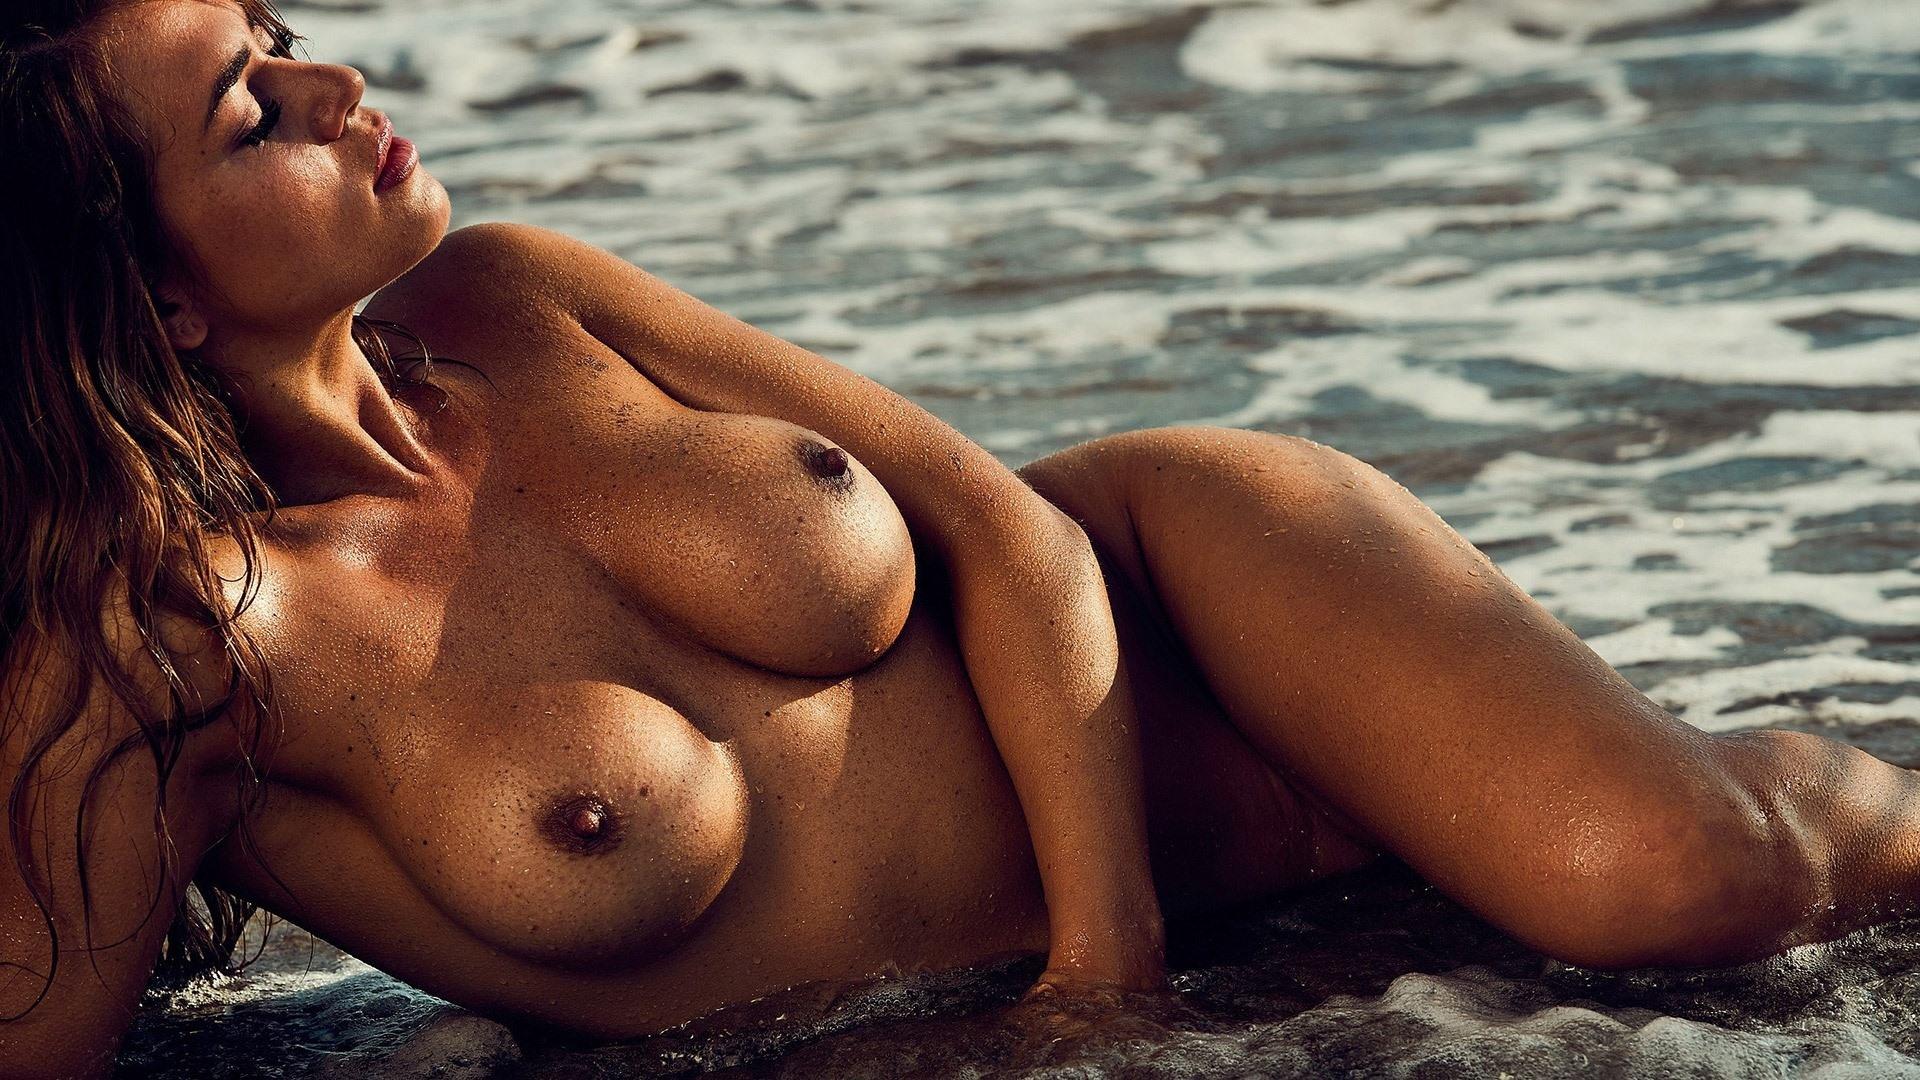 Фото Загорелая обнаженная девушка, моря, упругие сиськи, грудь, мокрые соски, сексуальное тело, скачать картинку бесплатно